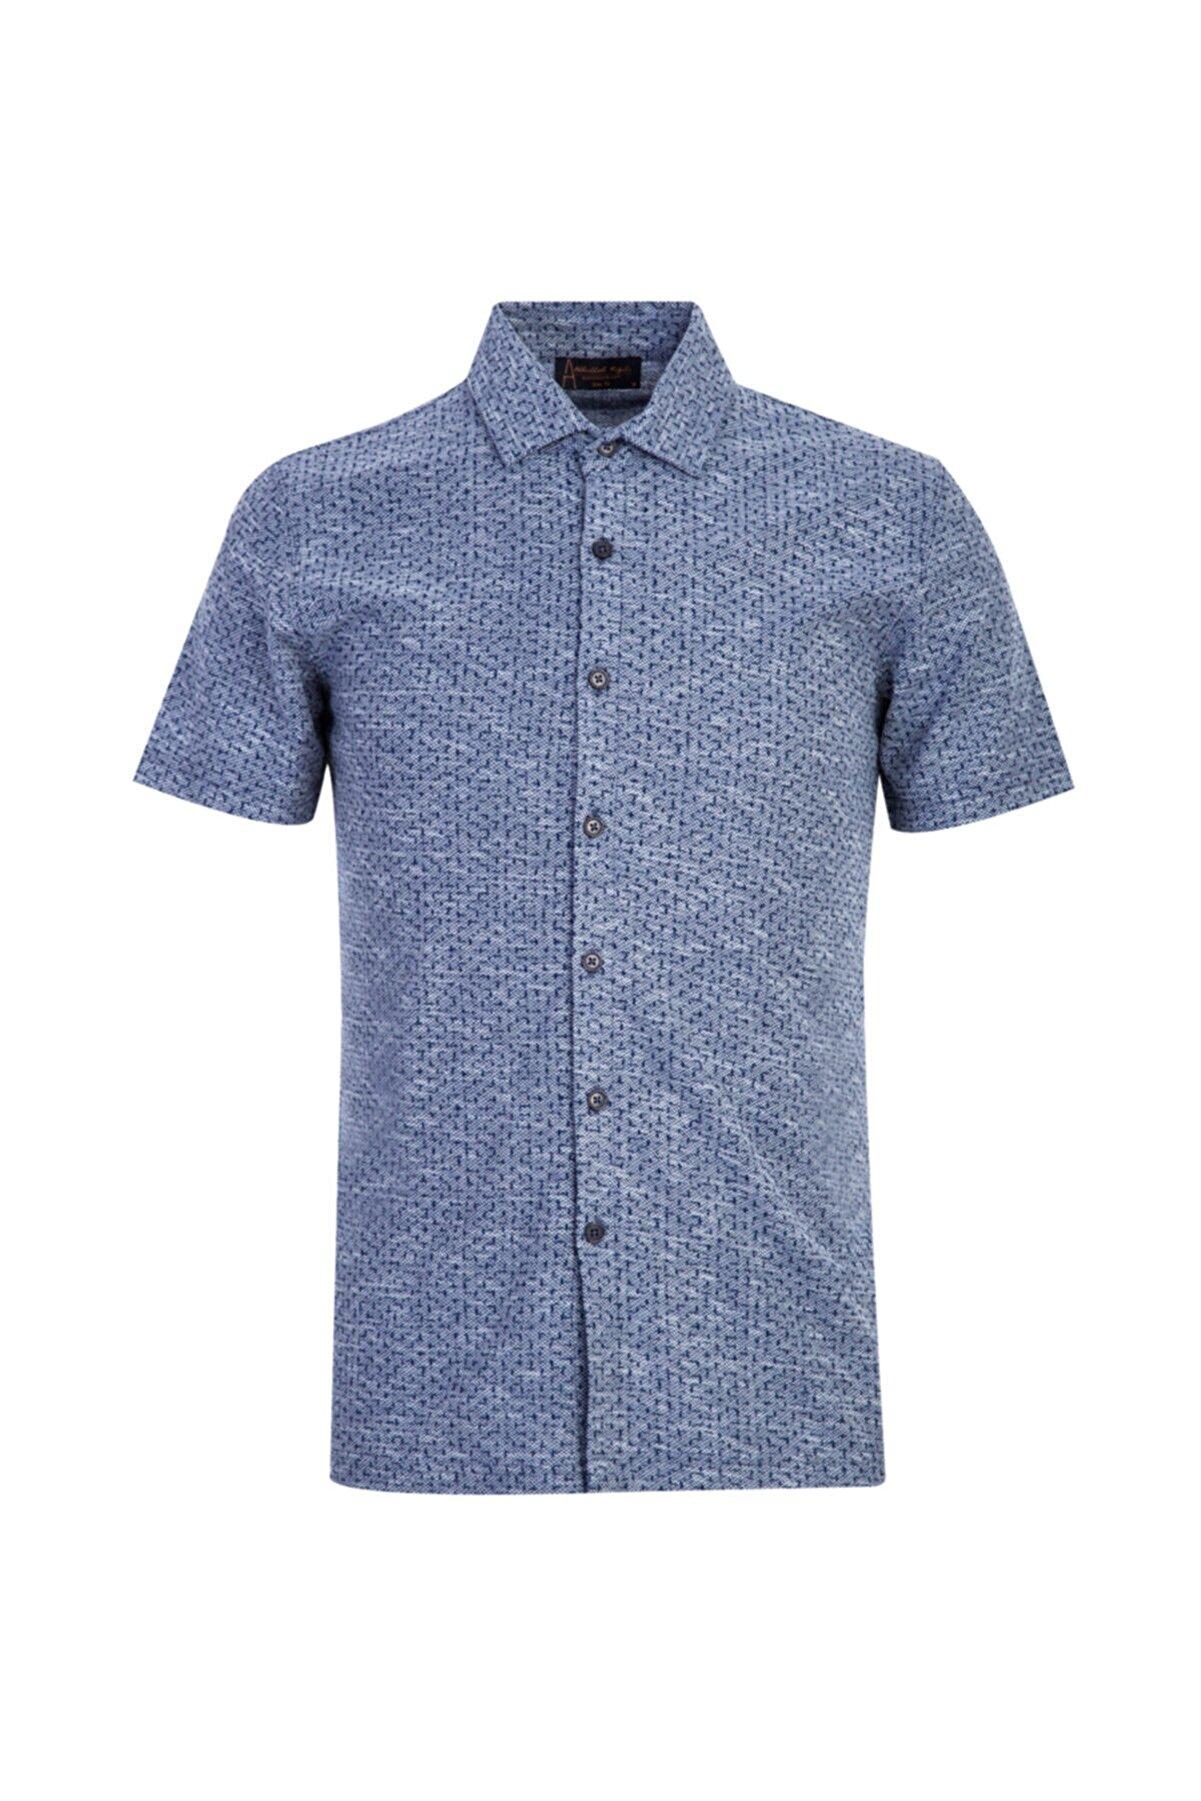 Kiğılı Polo Yaka Slim Fit Düğmeli Desenli Tişört